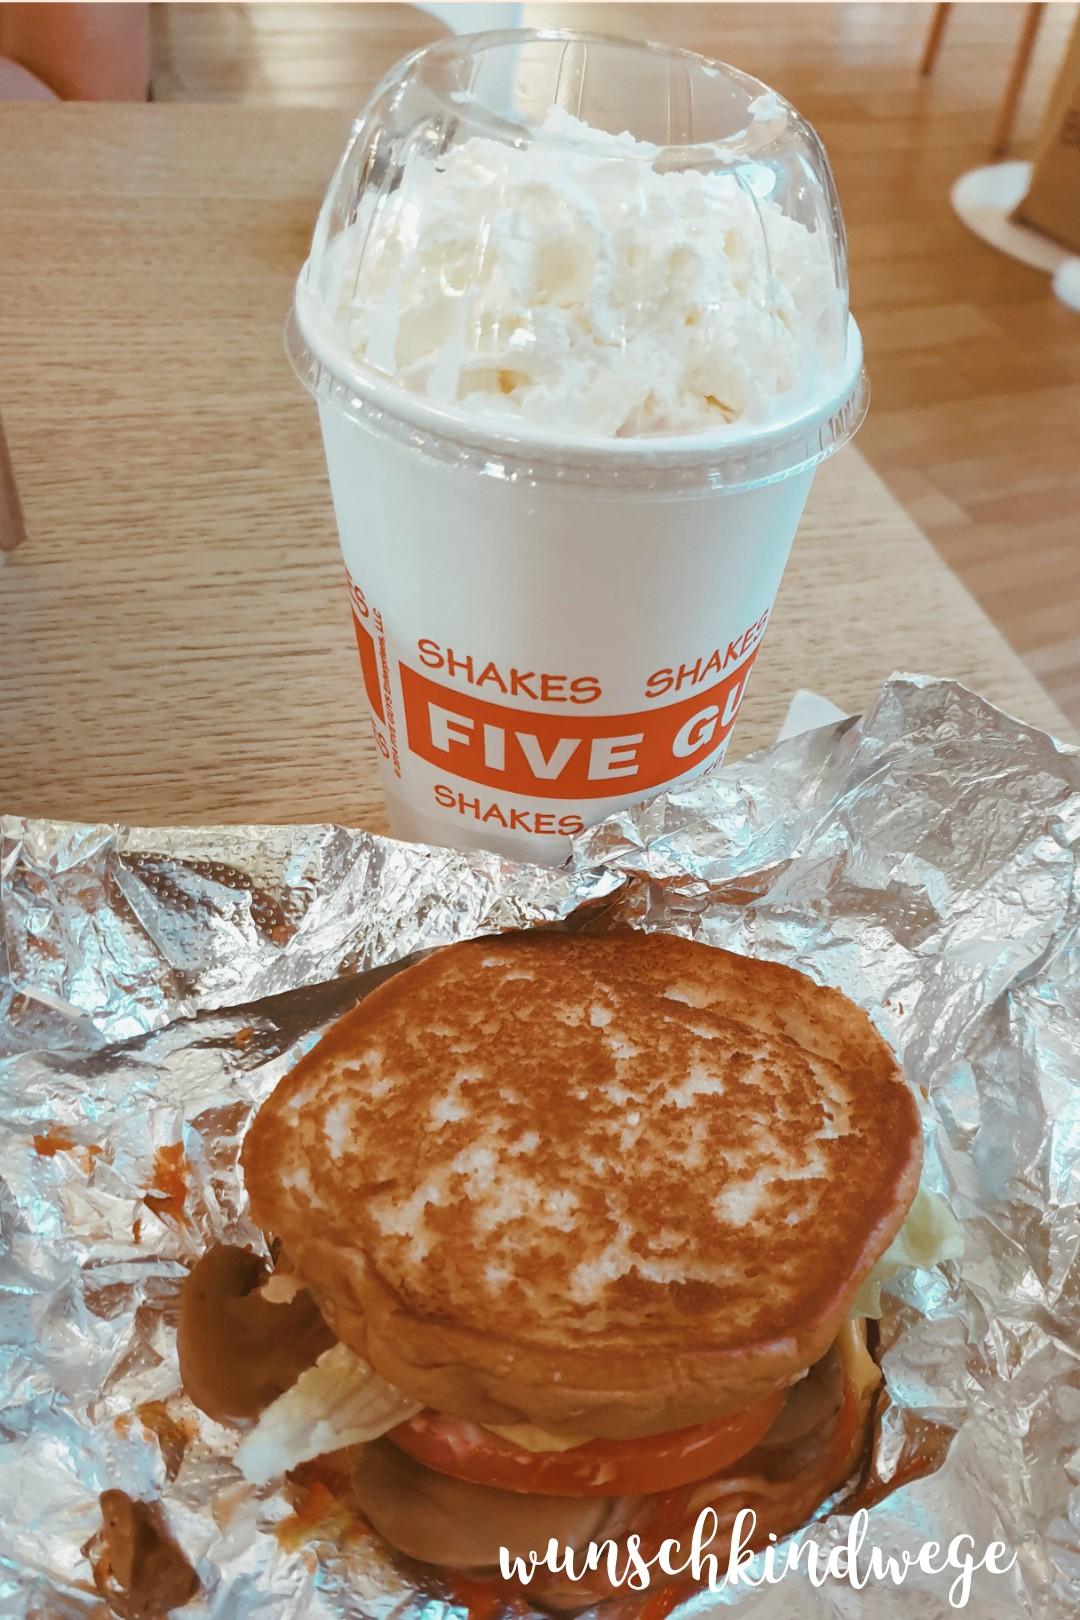 Five Guys Shake und Sandwich